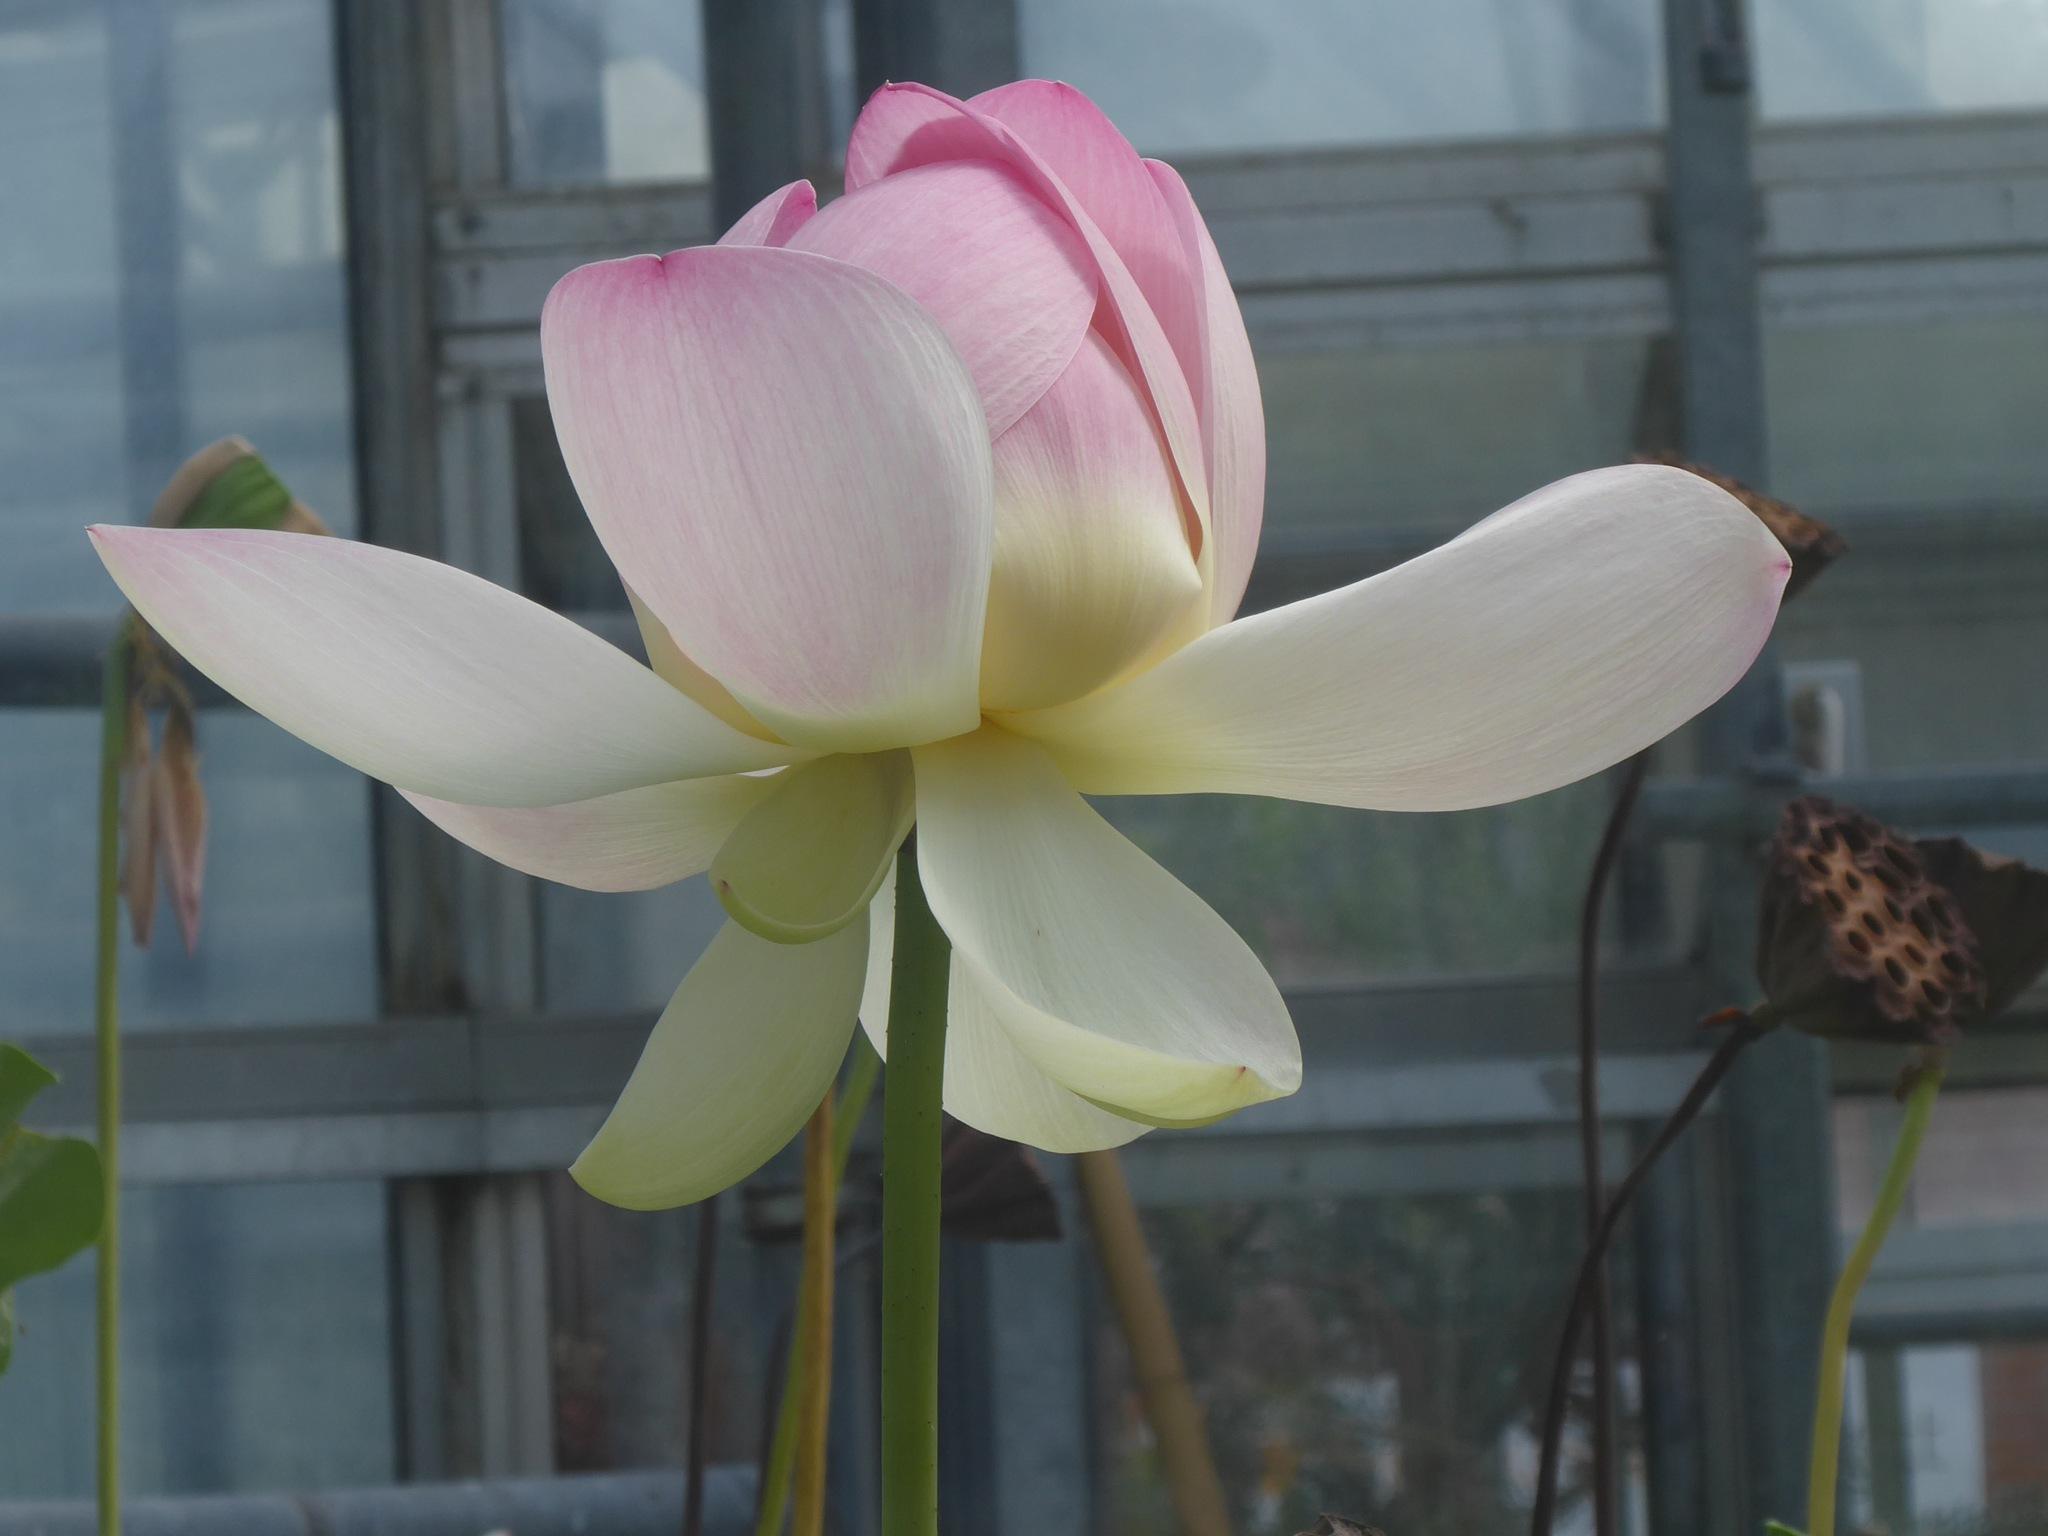 Lotus by Norbert Reiss